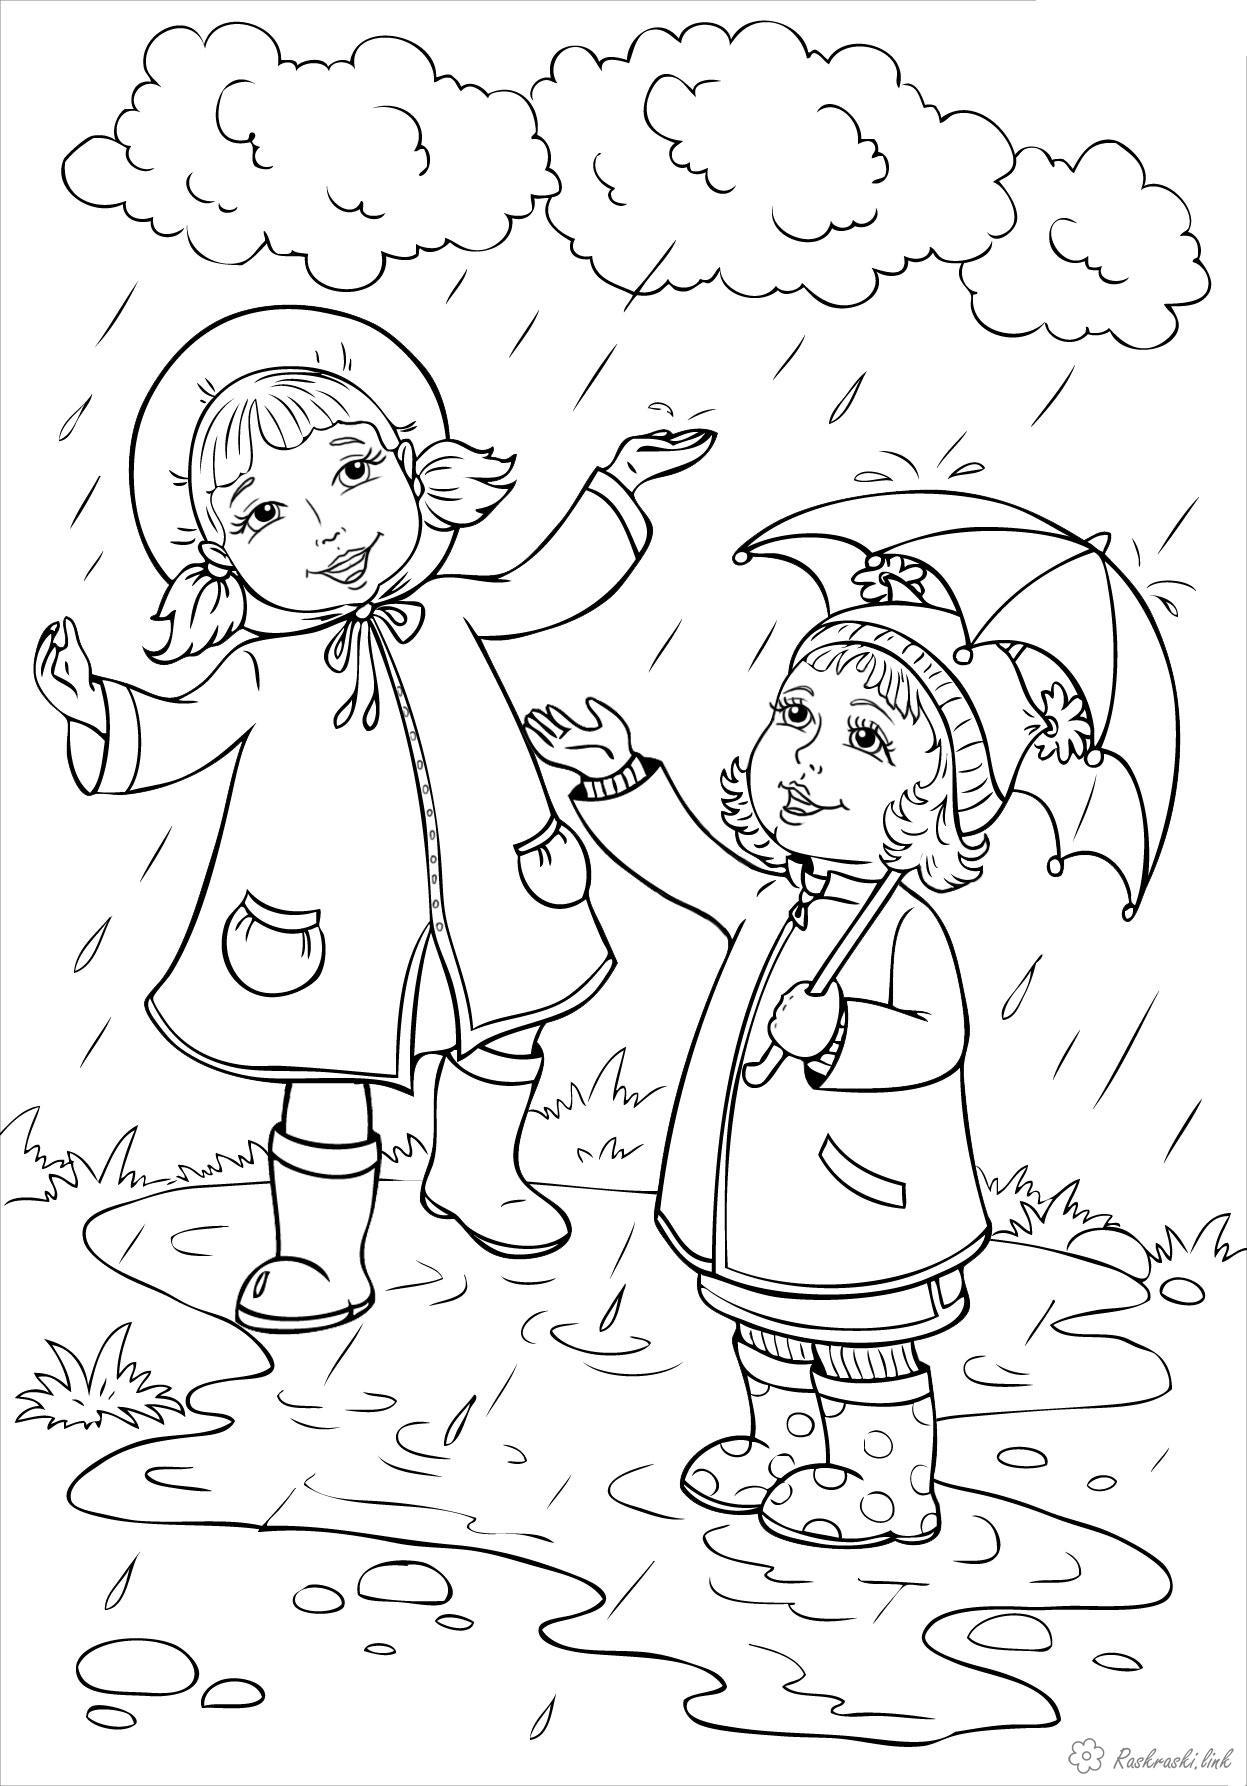 Розмальовки Осінь розфарбування, дівчатка, хмари, калюжі